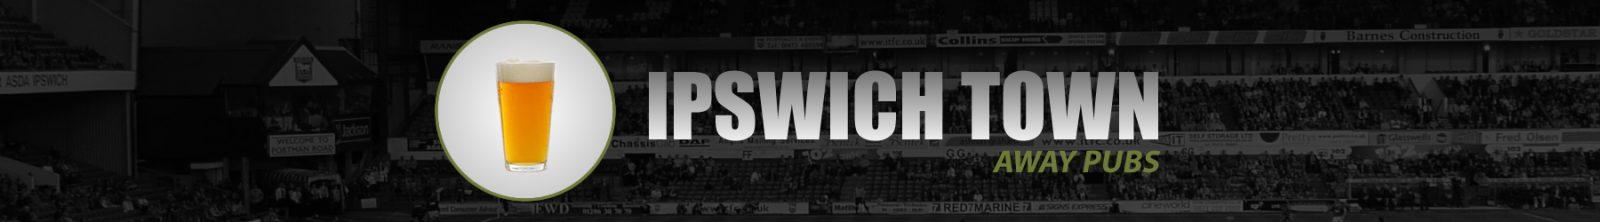 Ipswich Town Away Pubs